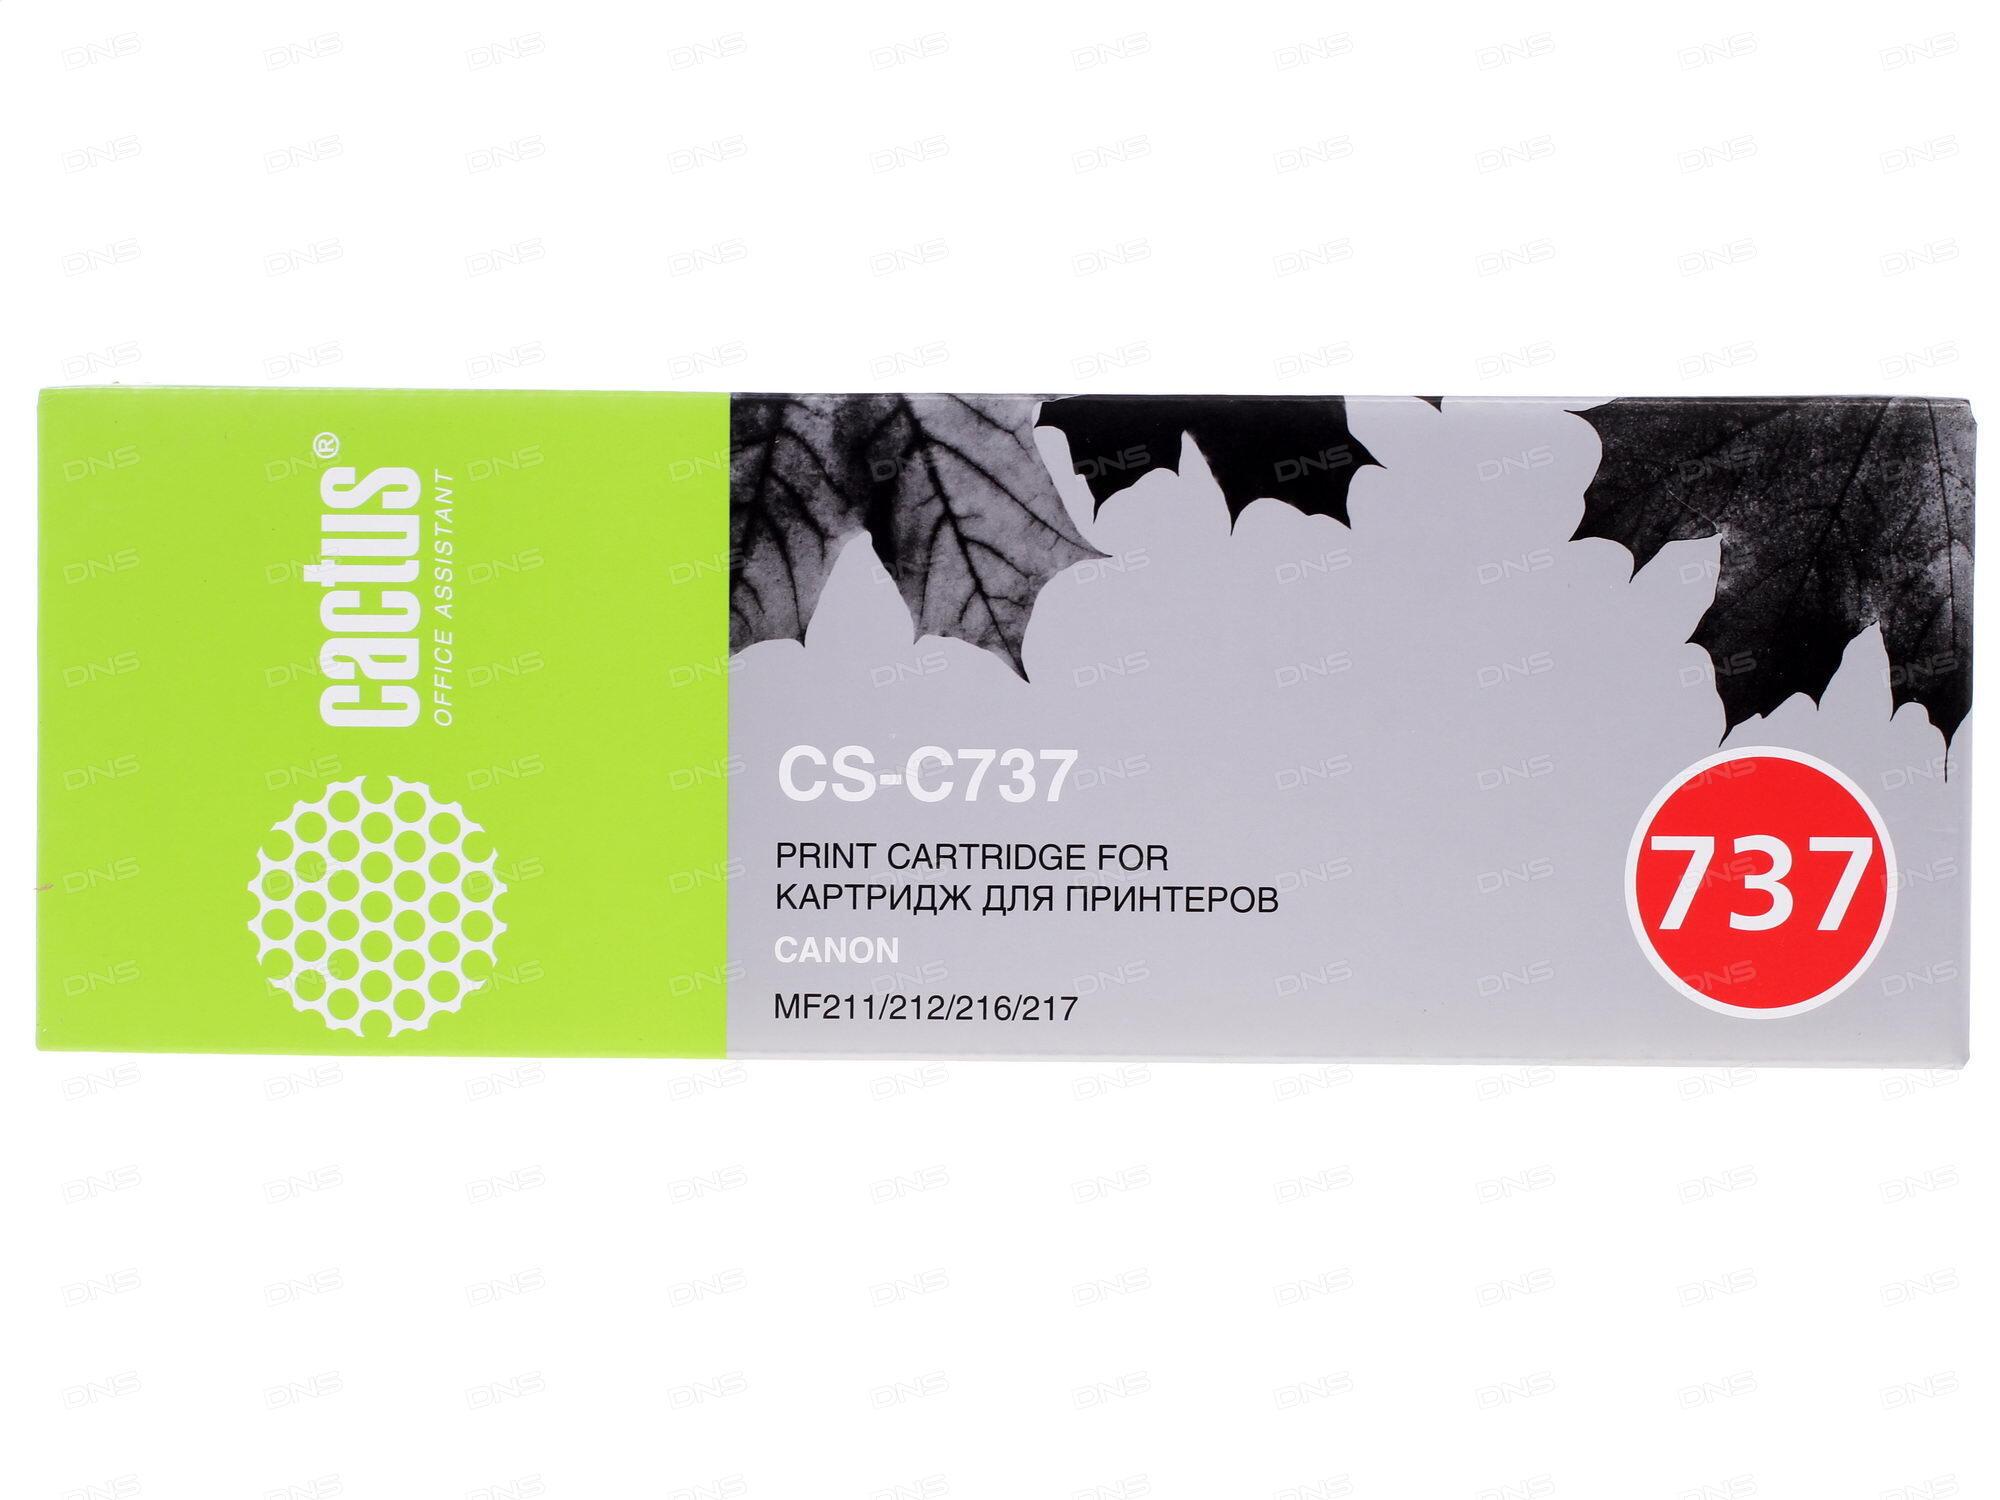 Картридж CACTUS CS-C737 для Canon MF210/211/212/216/217/220 черный 2400стр